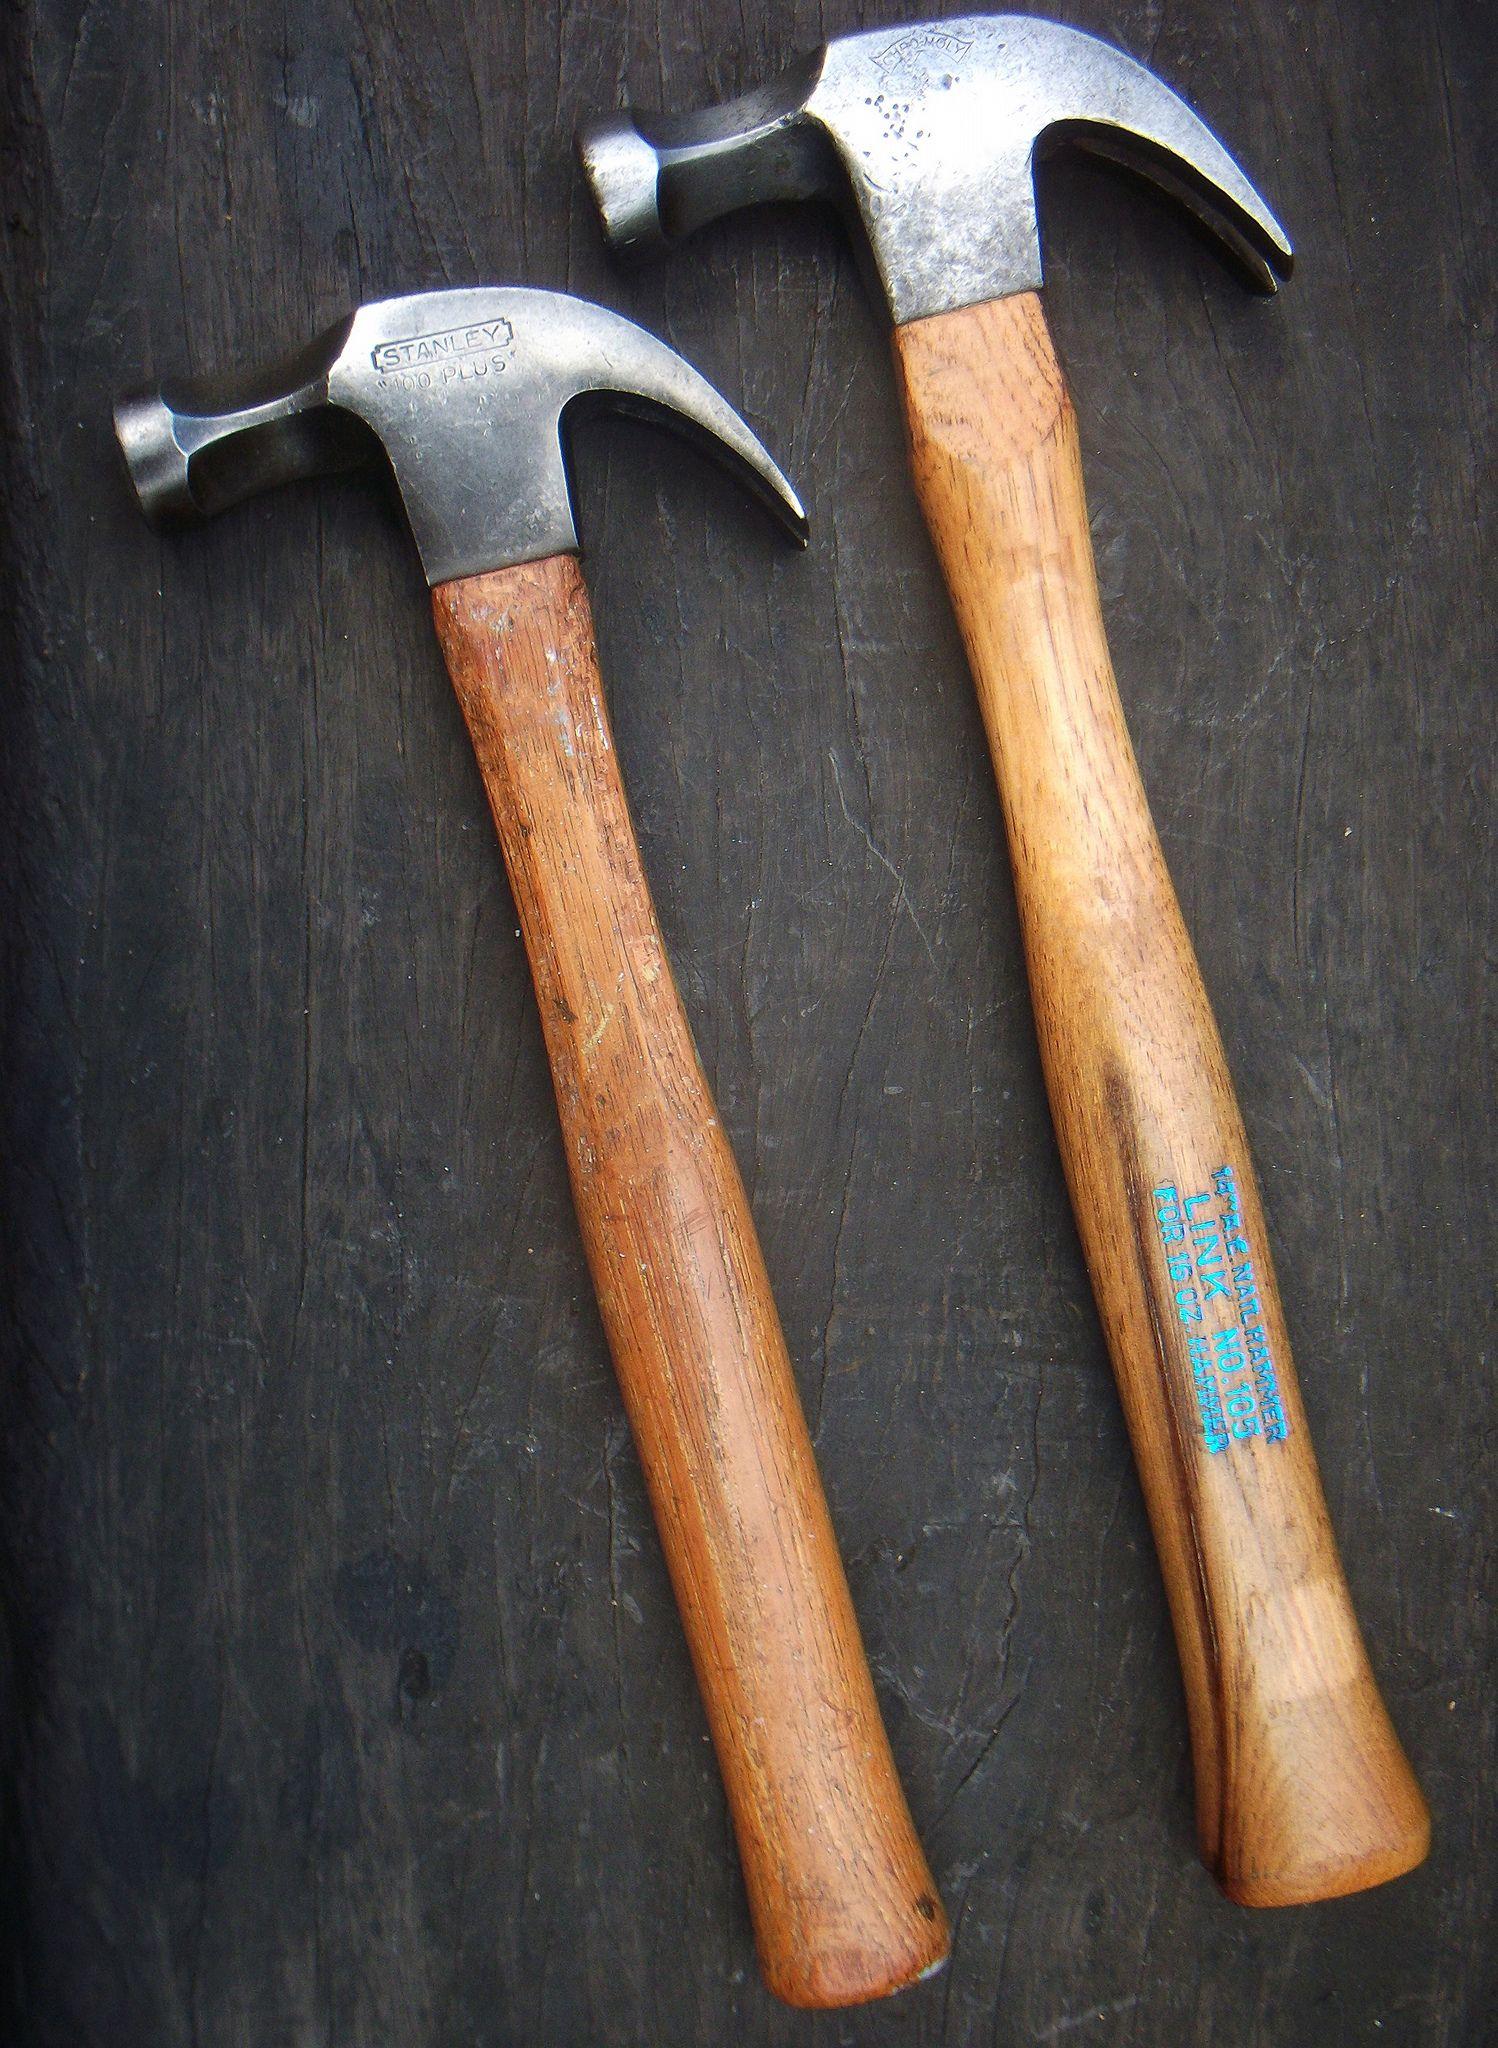 StanleyAtha No. 100 Plus 16 oz Claw Hammers